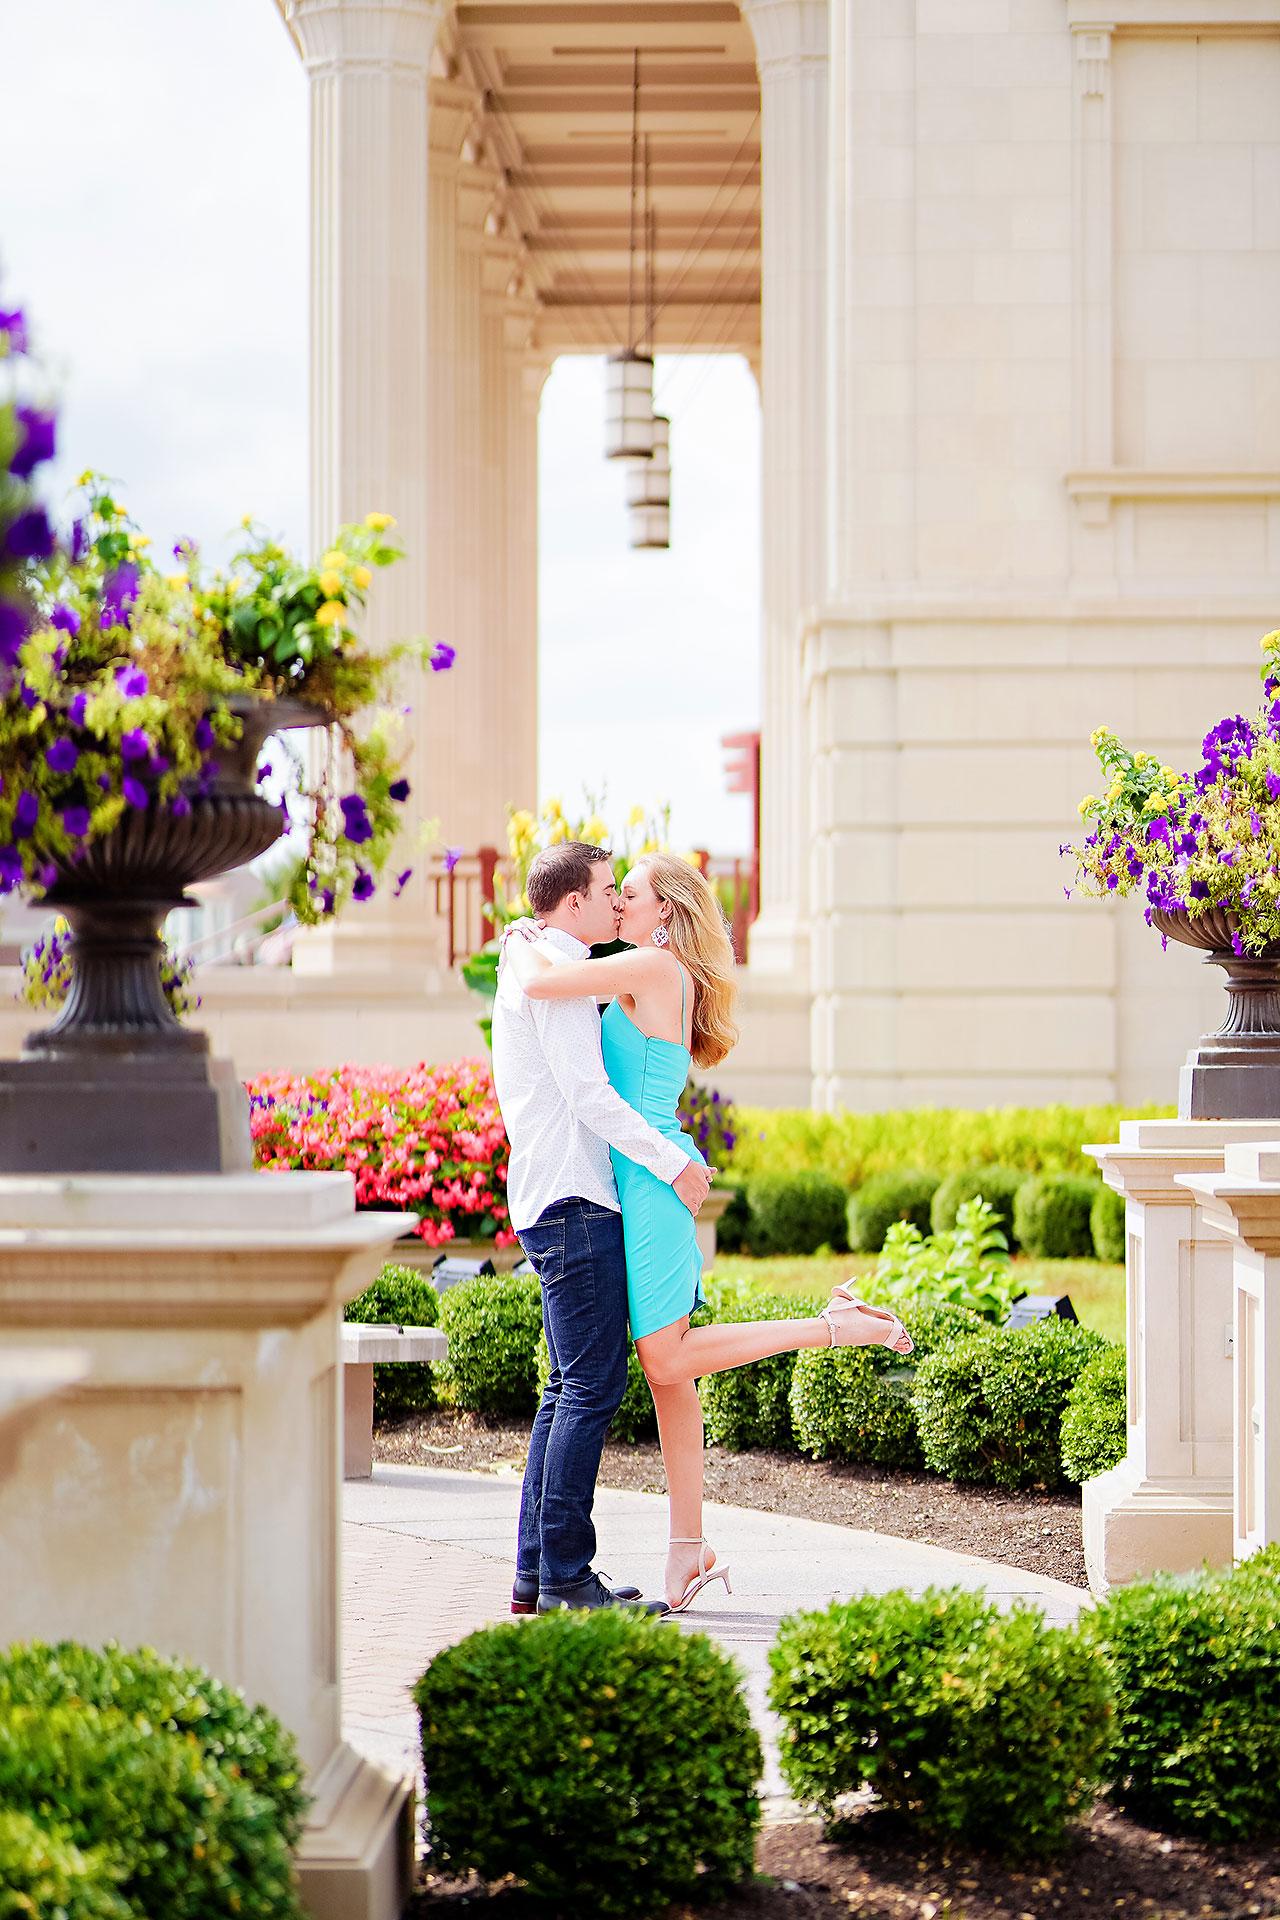 Liz Zach Midtown Carmel Engagement Session 114